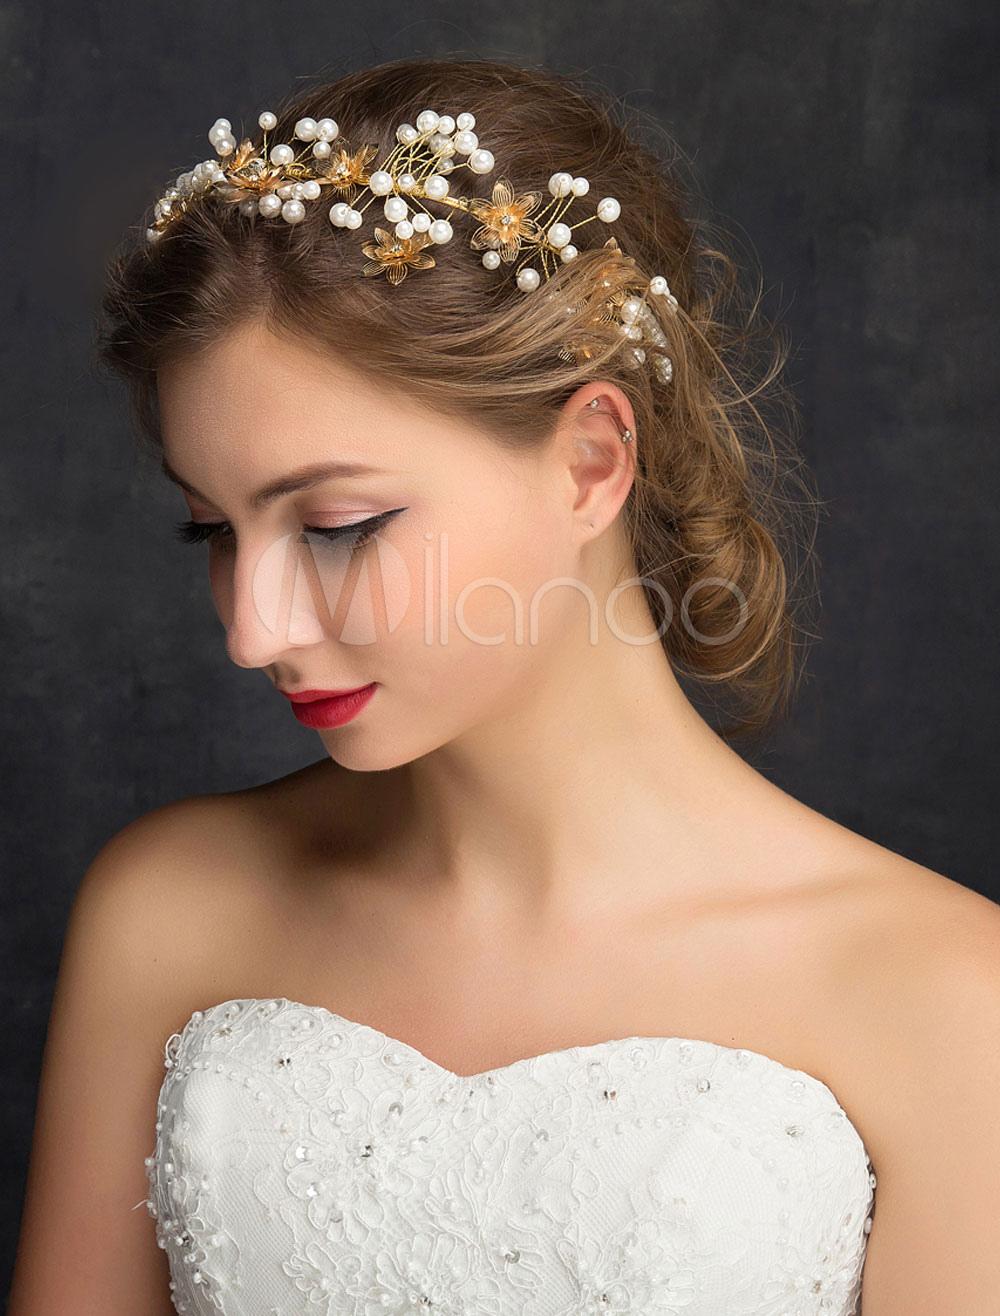 Goldene Hochzeit Stirnband Imitation Perlen Strass Alloy Braut Haarschmuck